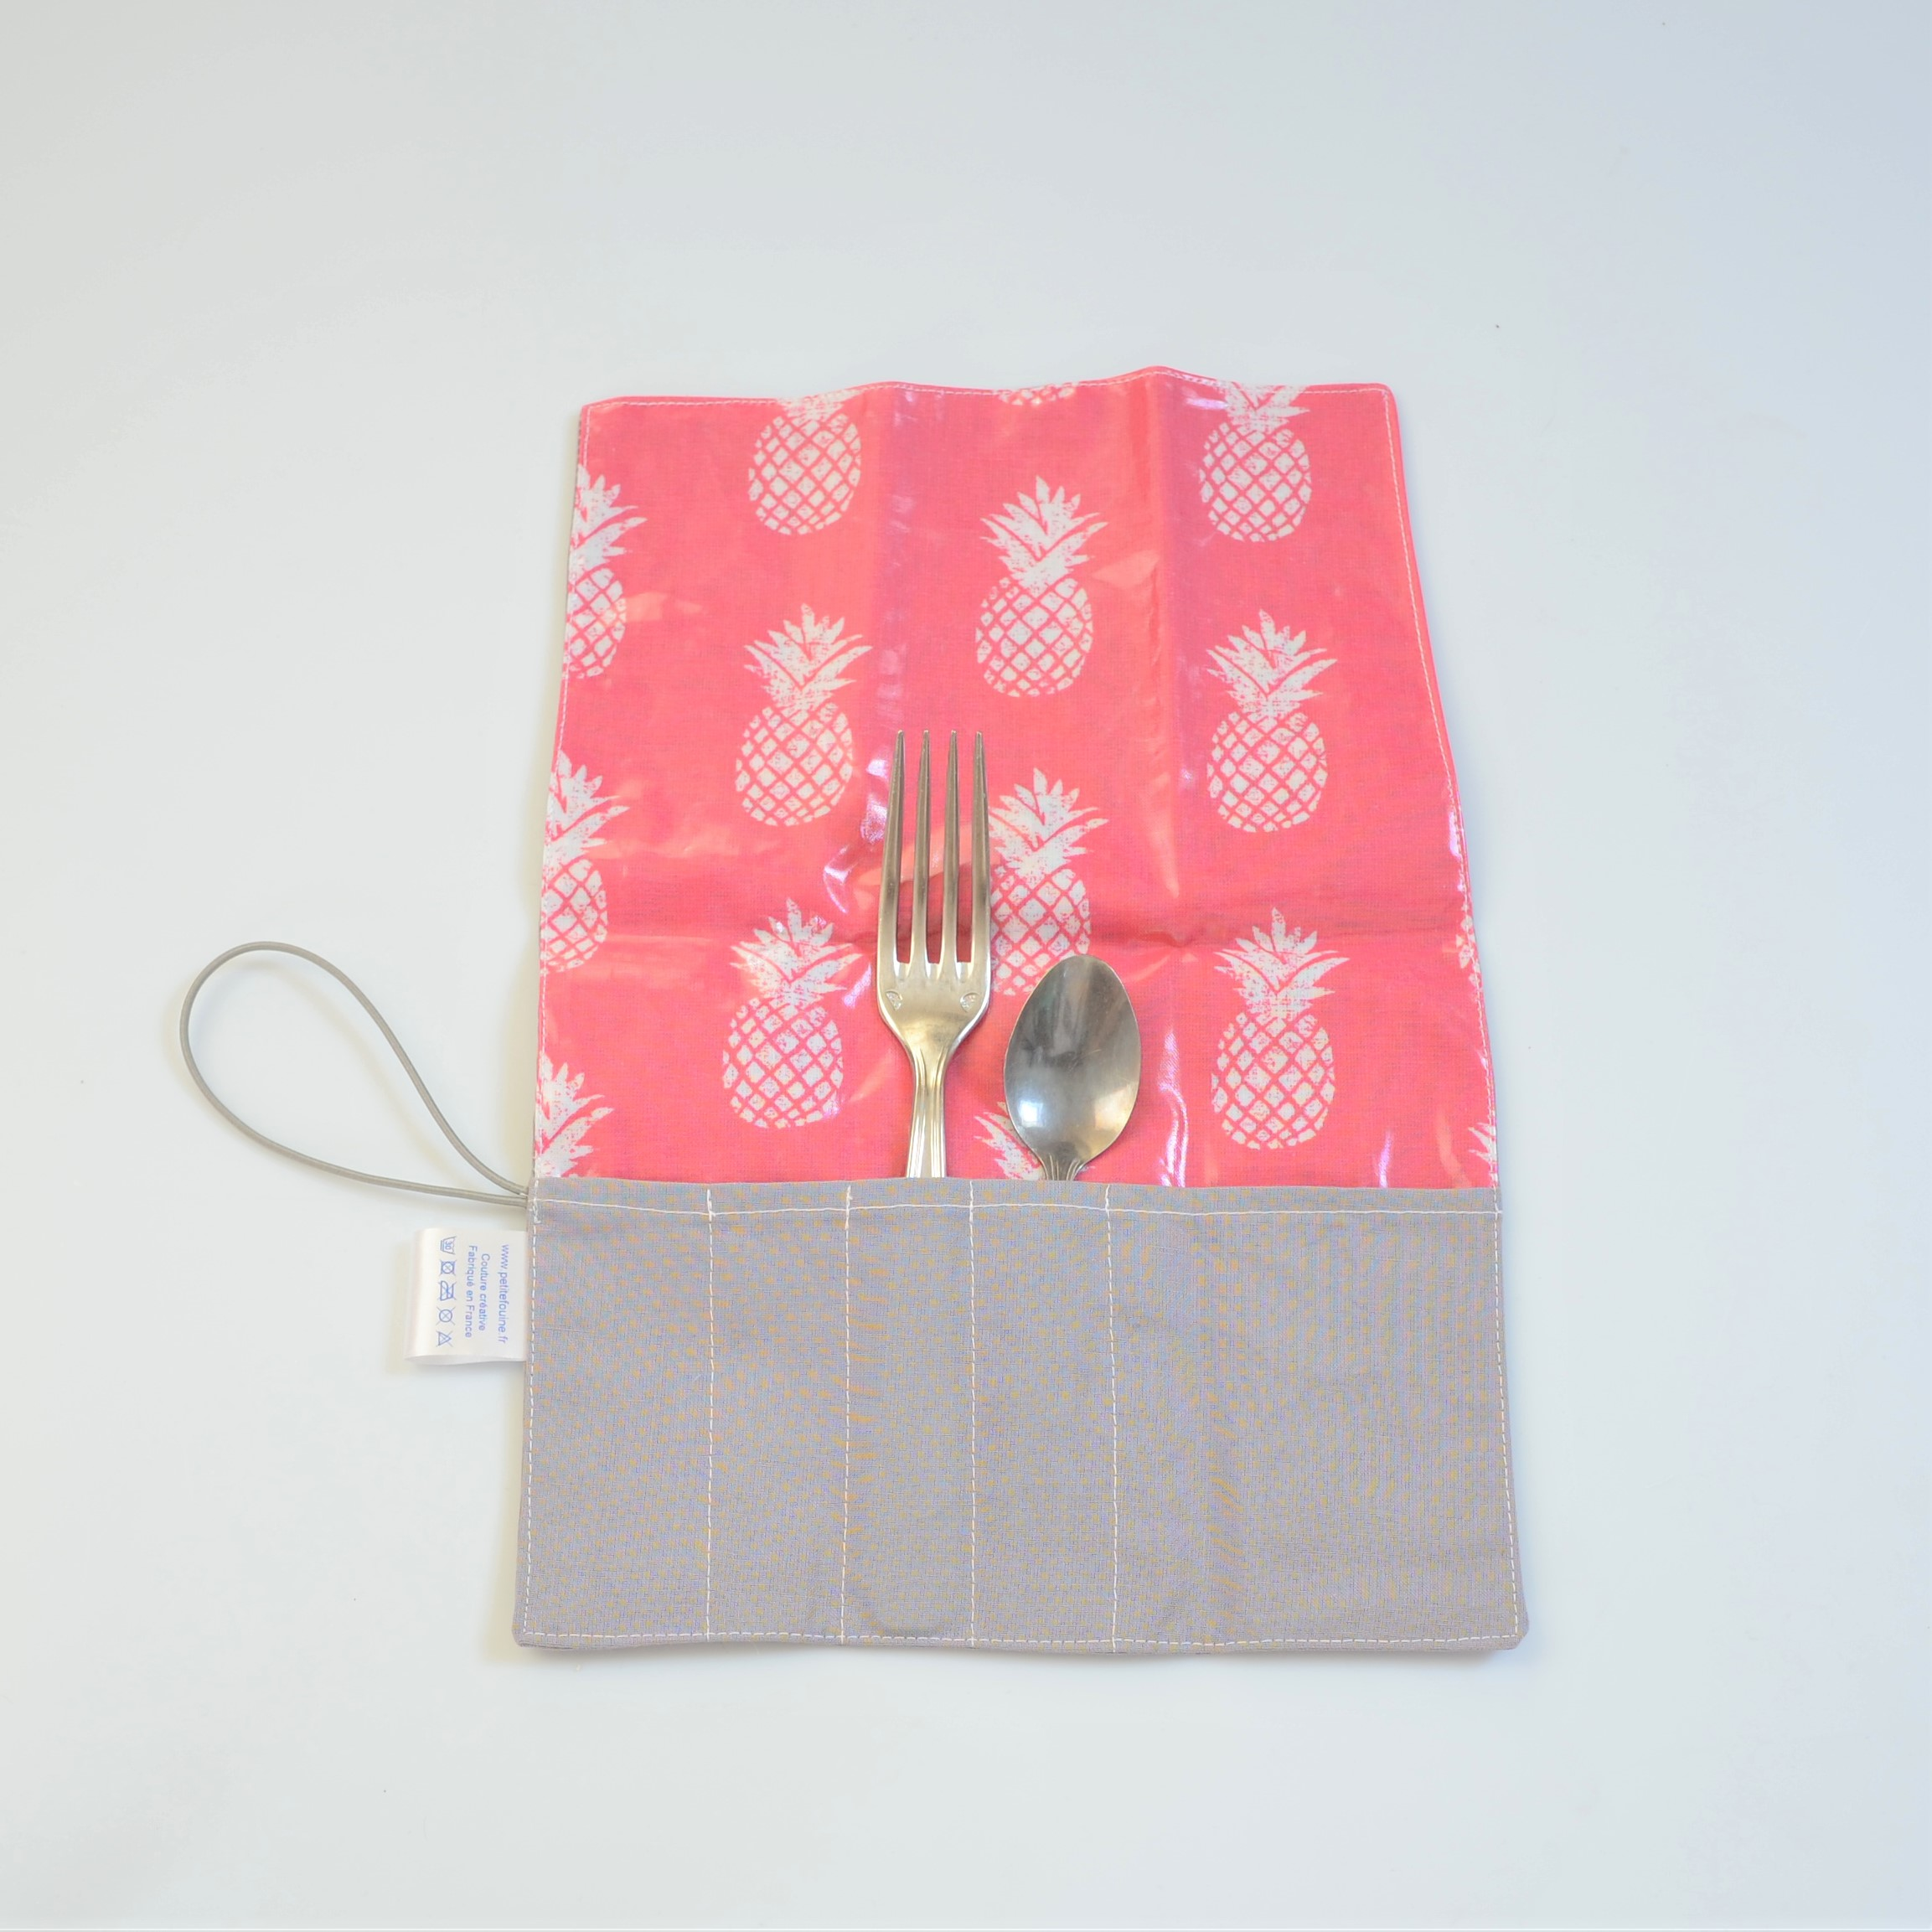 Trousse imperméable pour transporter les couverts motif ananas--9995971550573